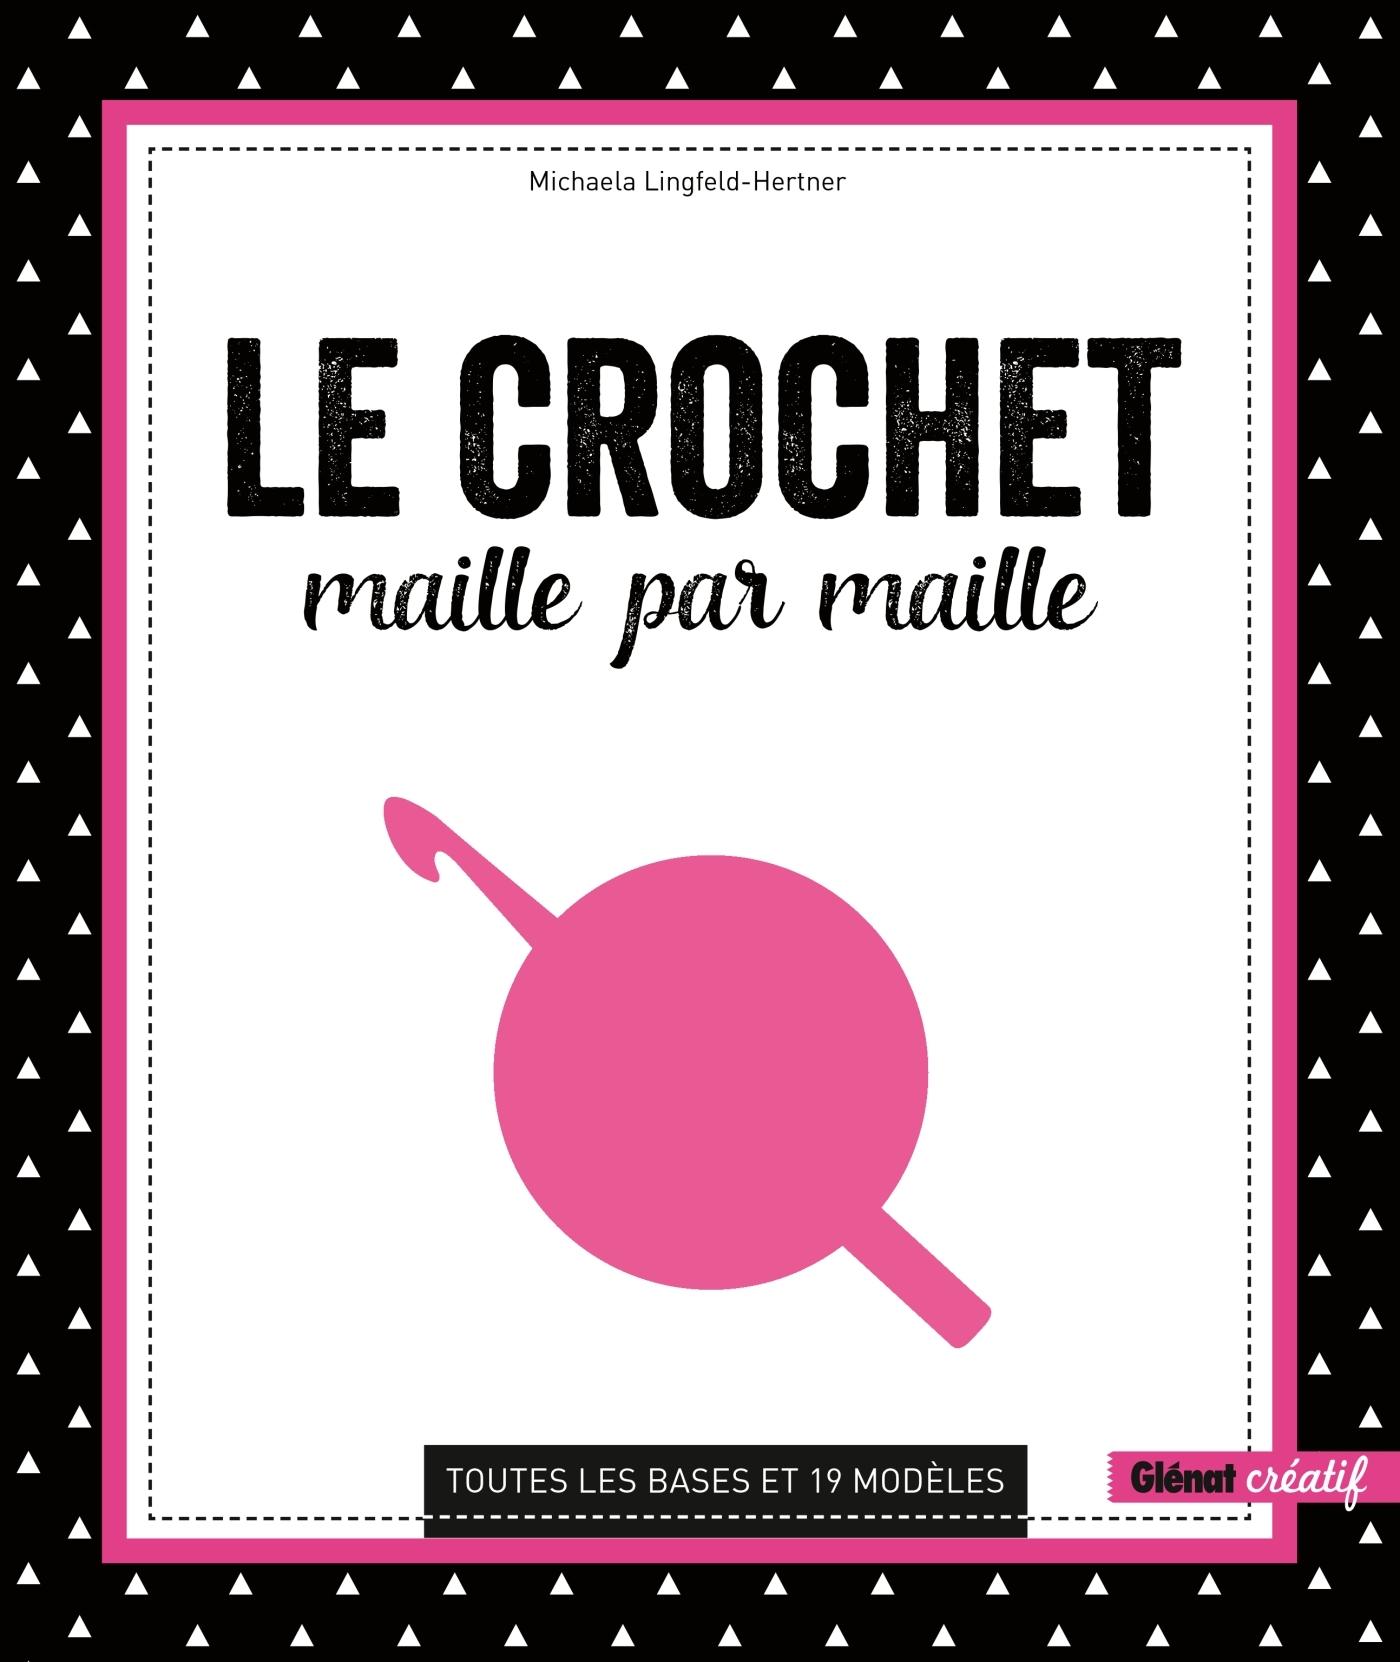 LE CROCHET MAILLE PAR MAILLE - TOUTES LES BASES ET 19 MODELES